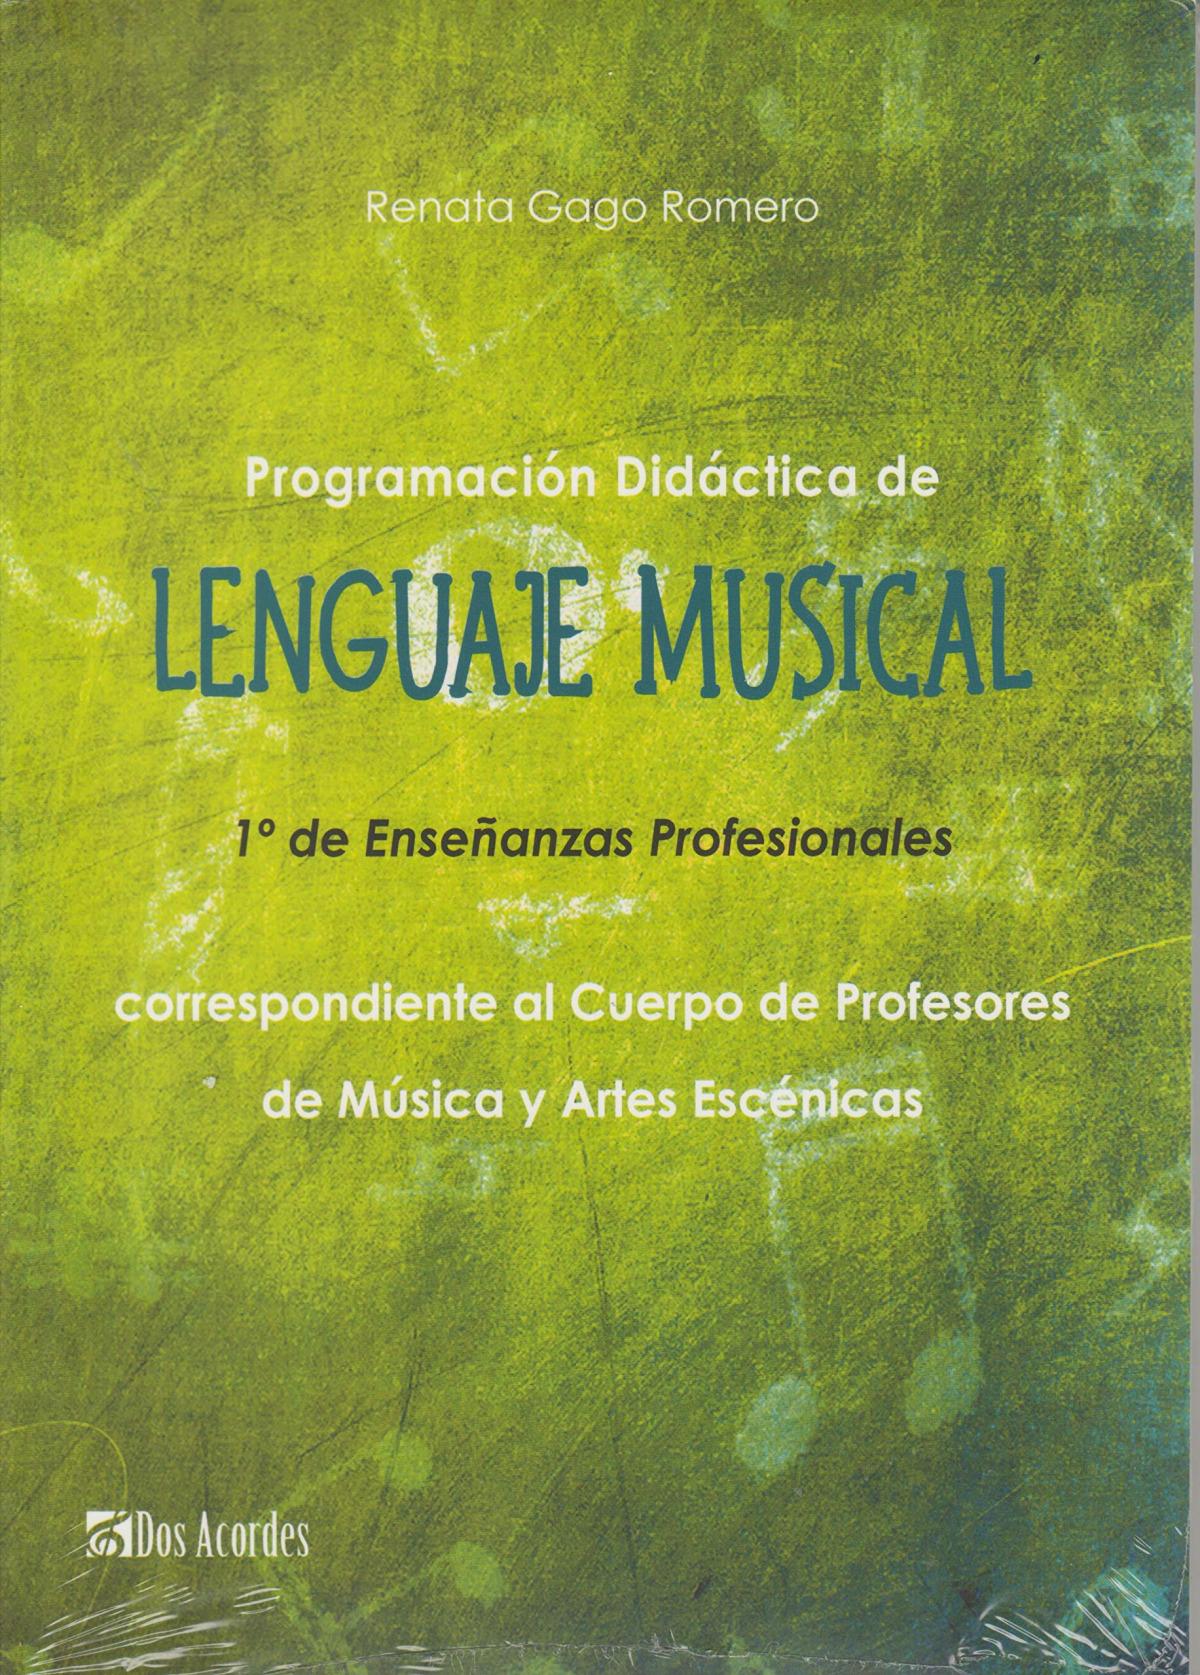 PROGRAMACIÓN DIDÁCTICA DE LENGUAJE MUSICAL